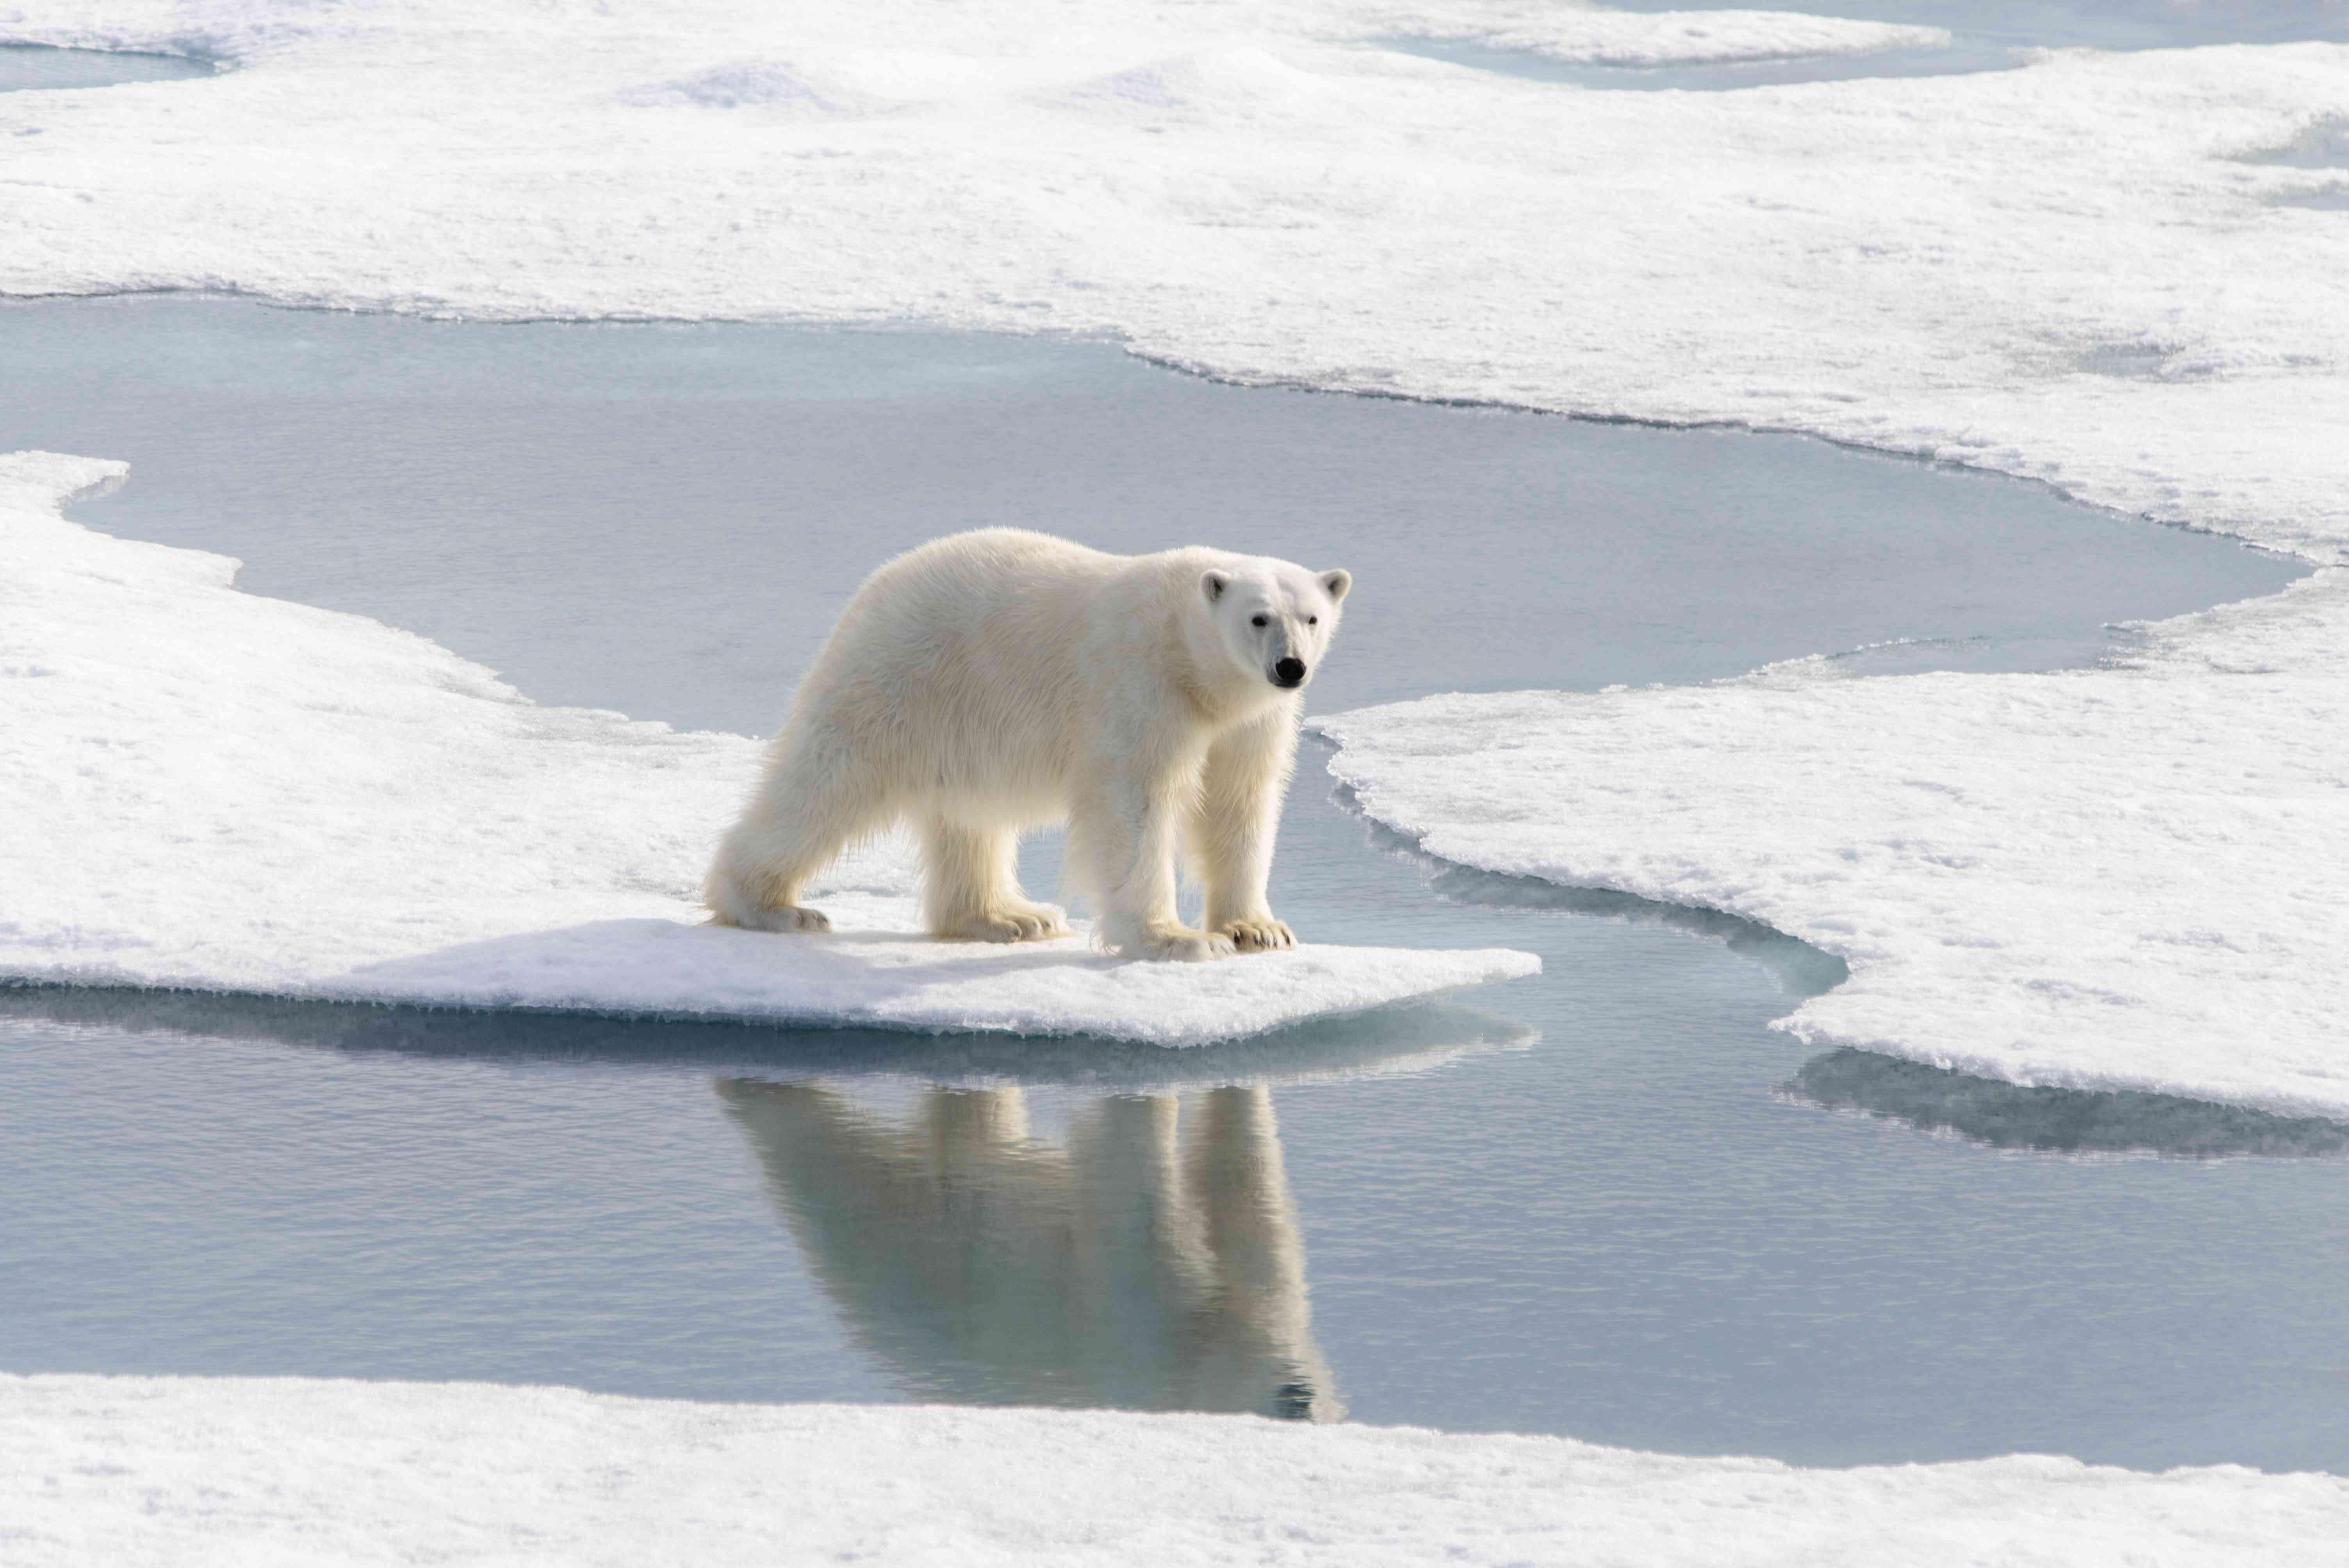 polar bear on shrinking ice